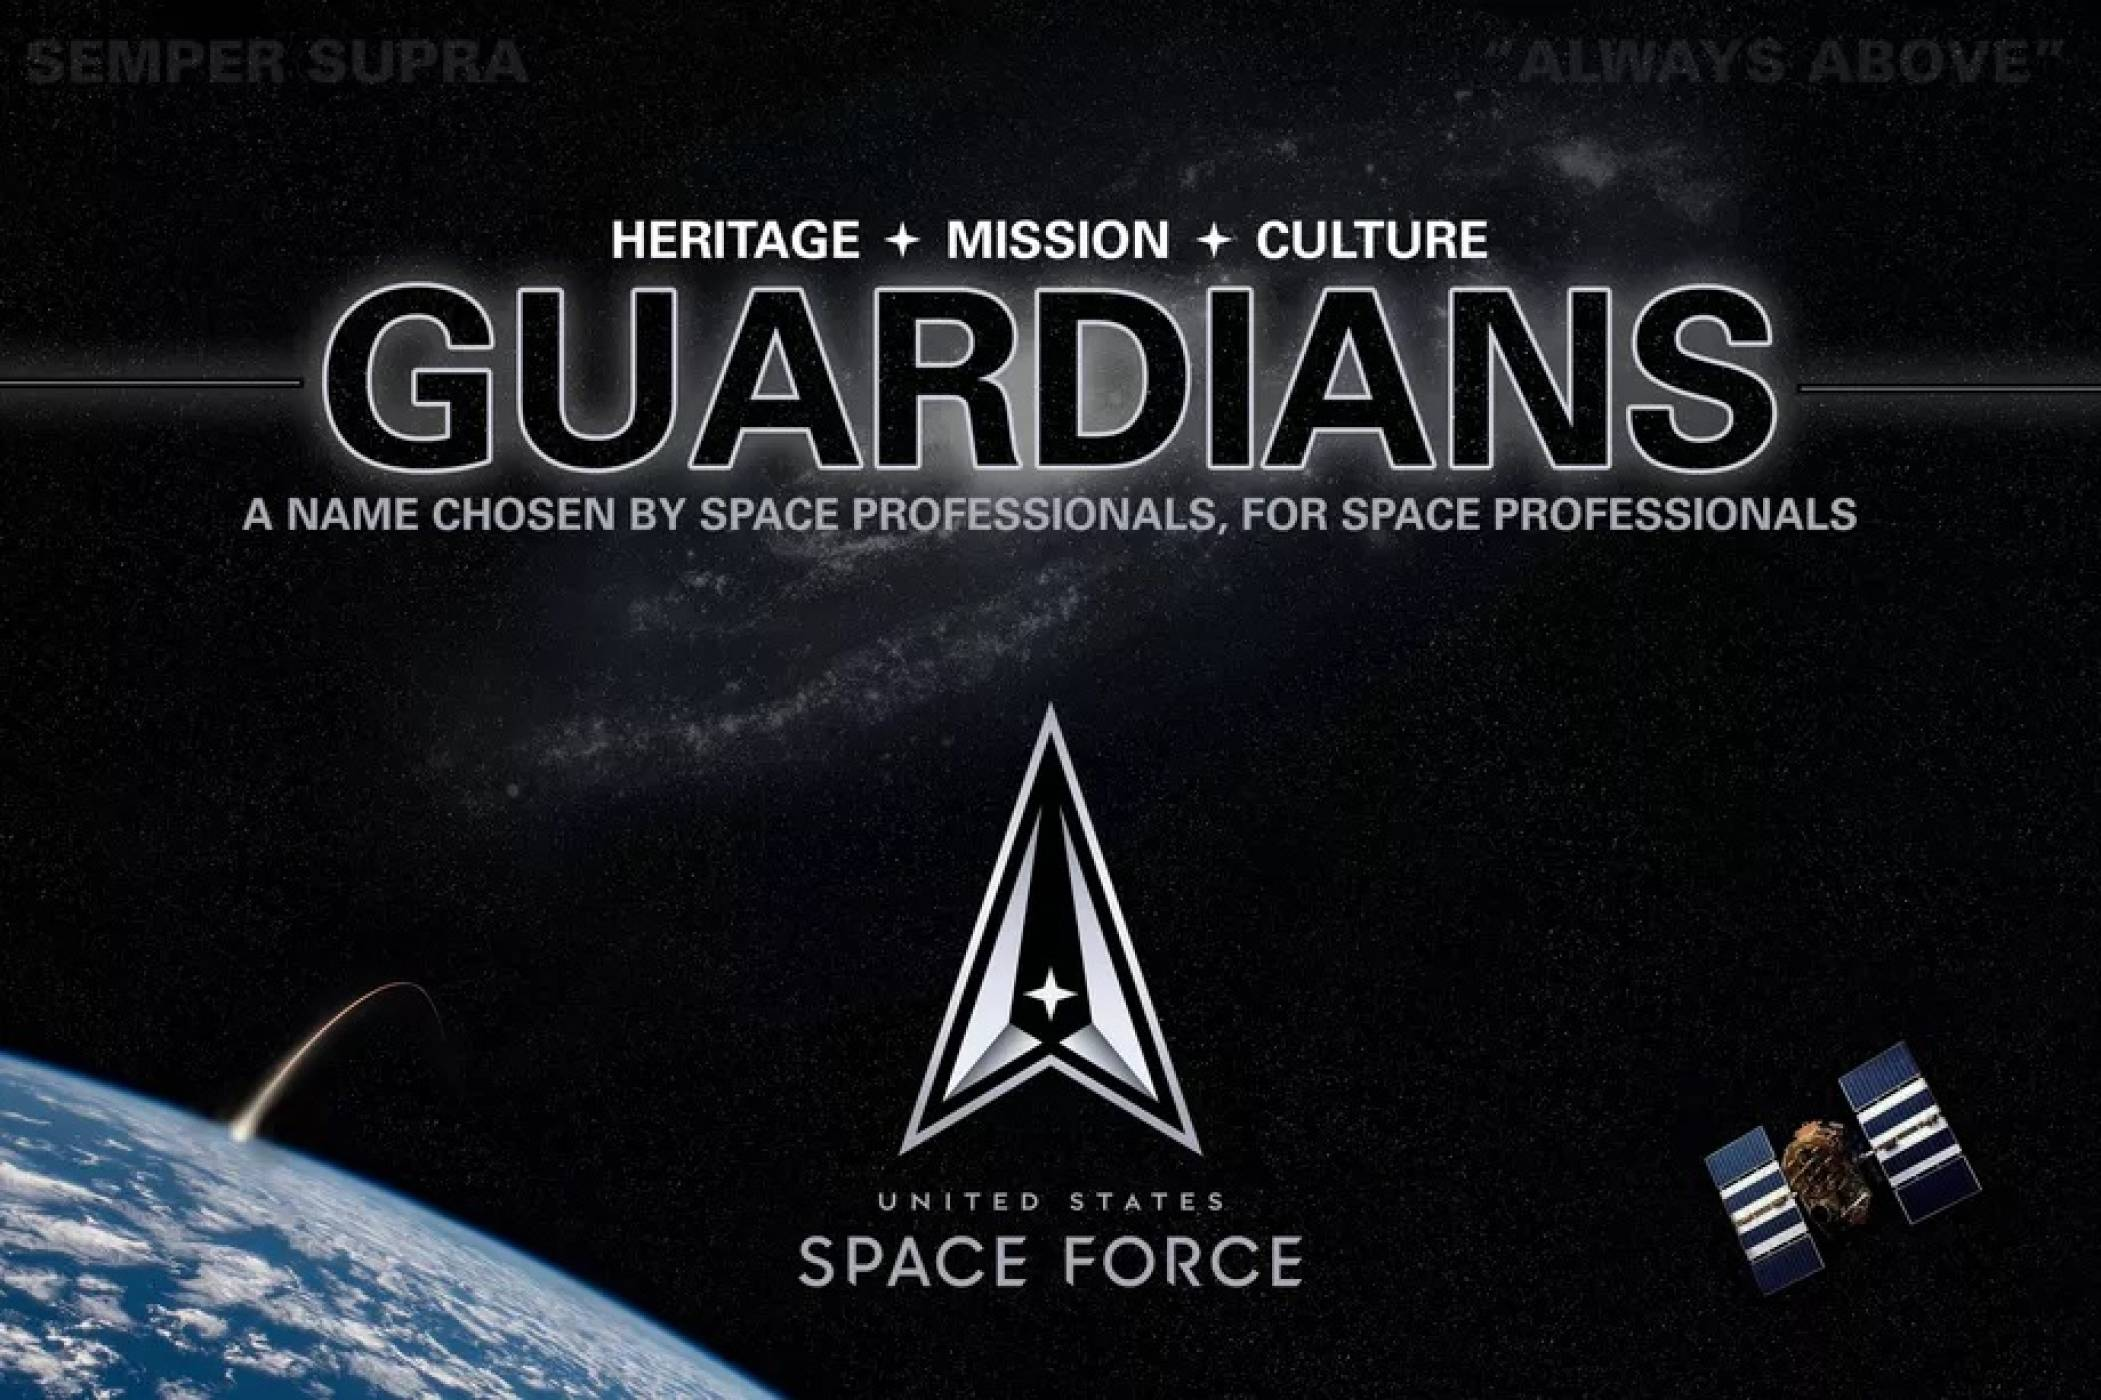 Космическите сили на САЩ ще се наричат